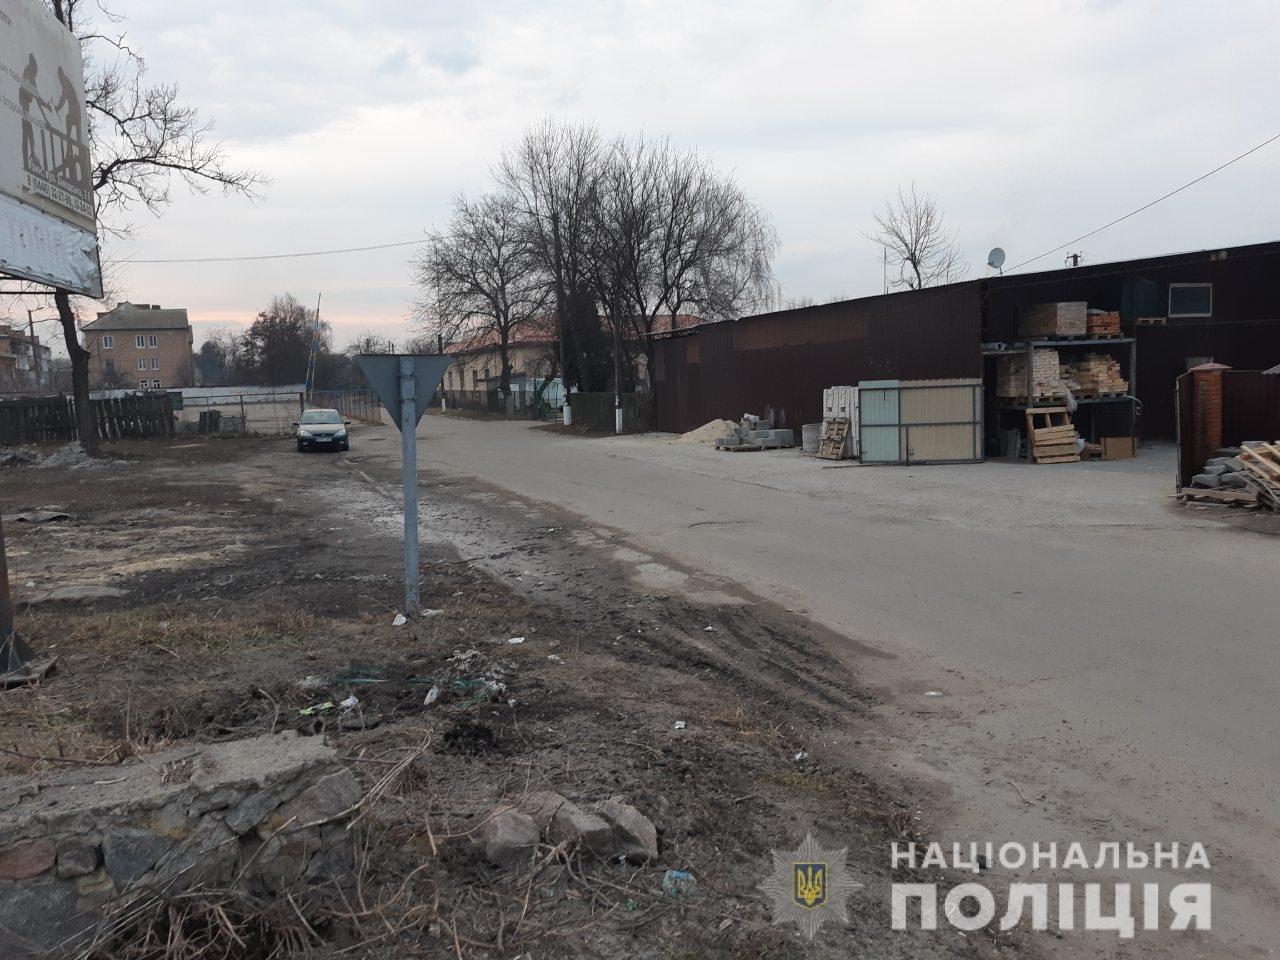 На Білоцерківщині затримали 18-річного хлопця, який побив та пограбував підлітка, фото-1